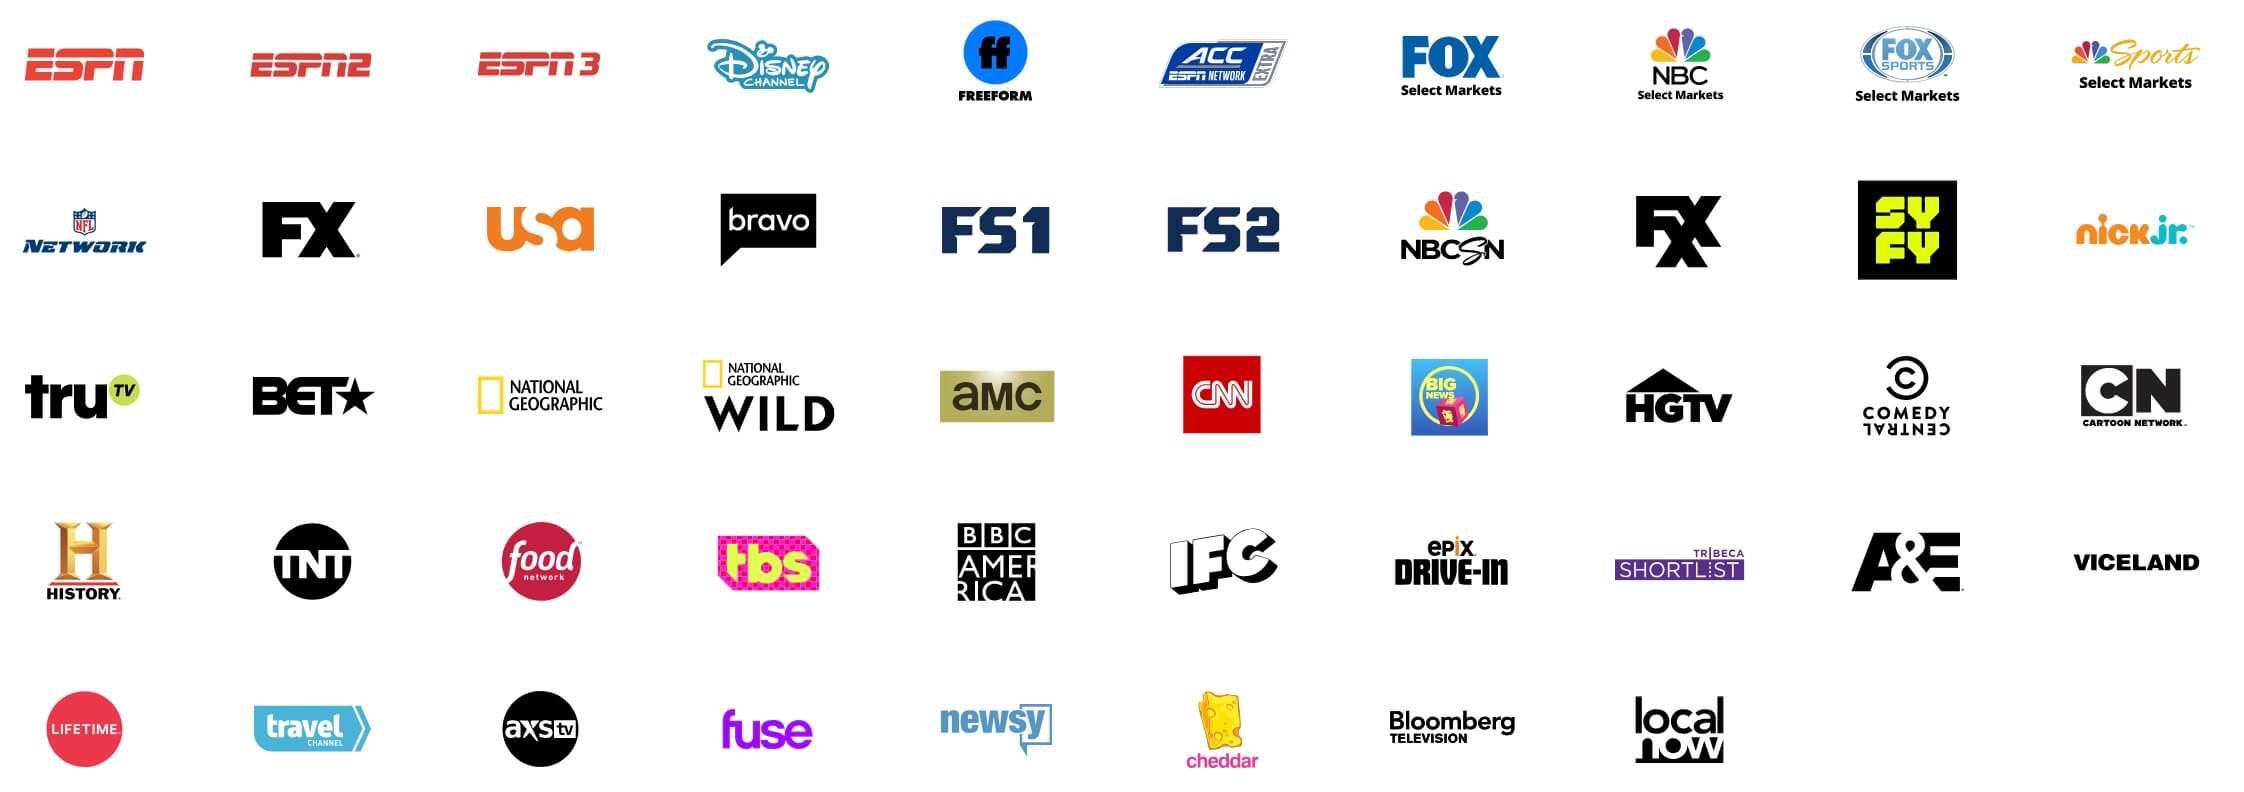 eagles bears sling tv streaming nfl